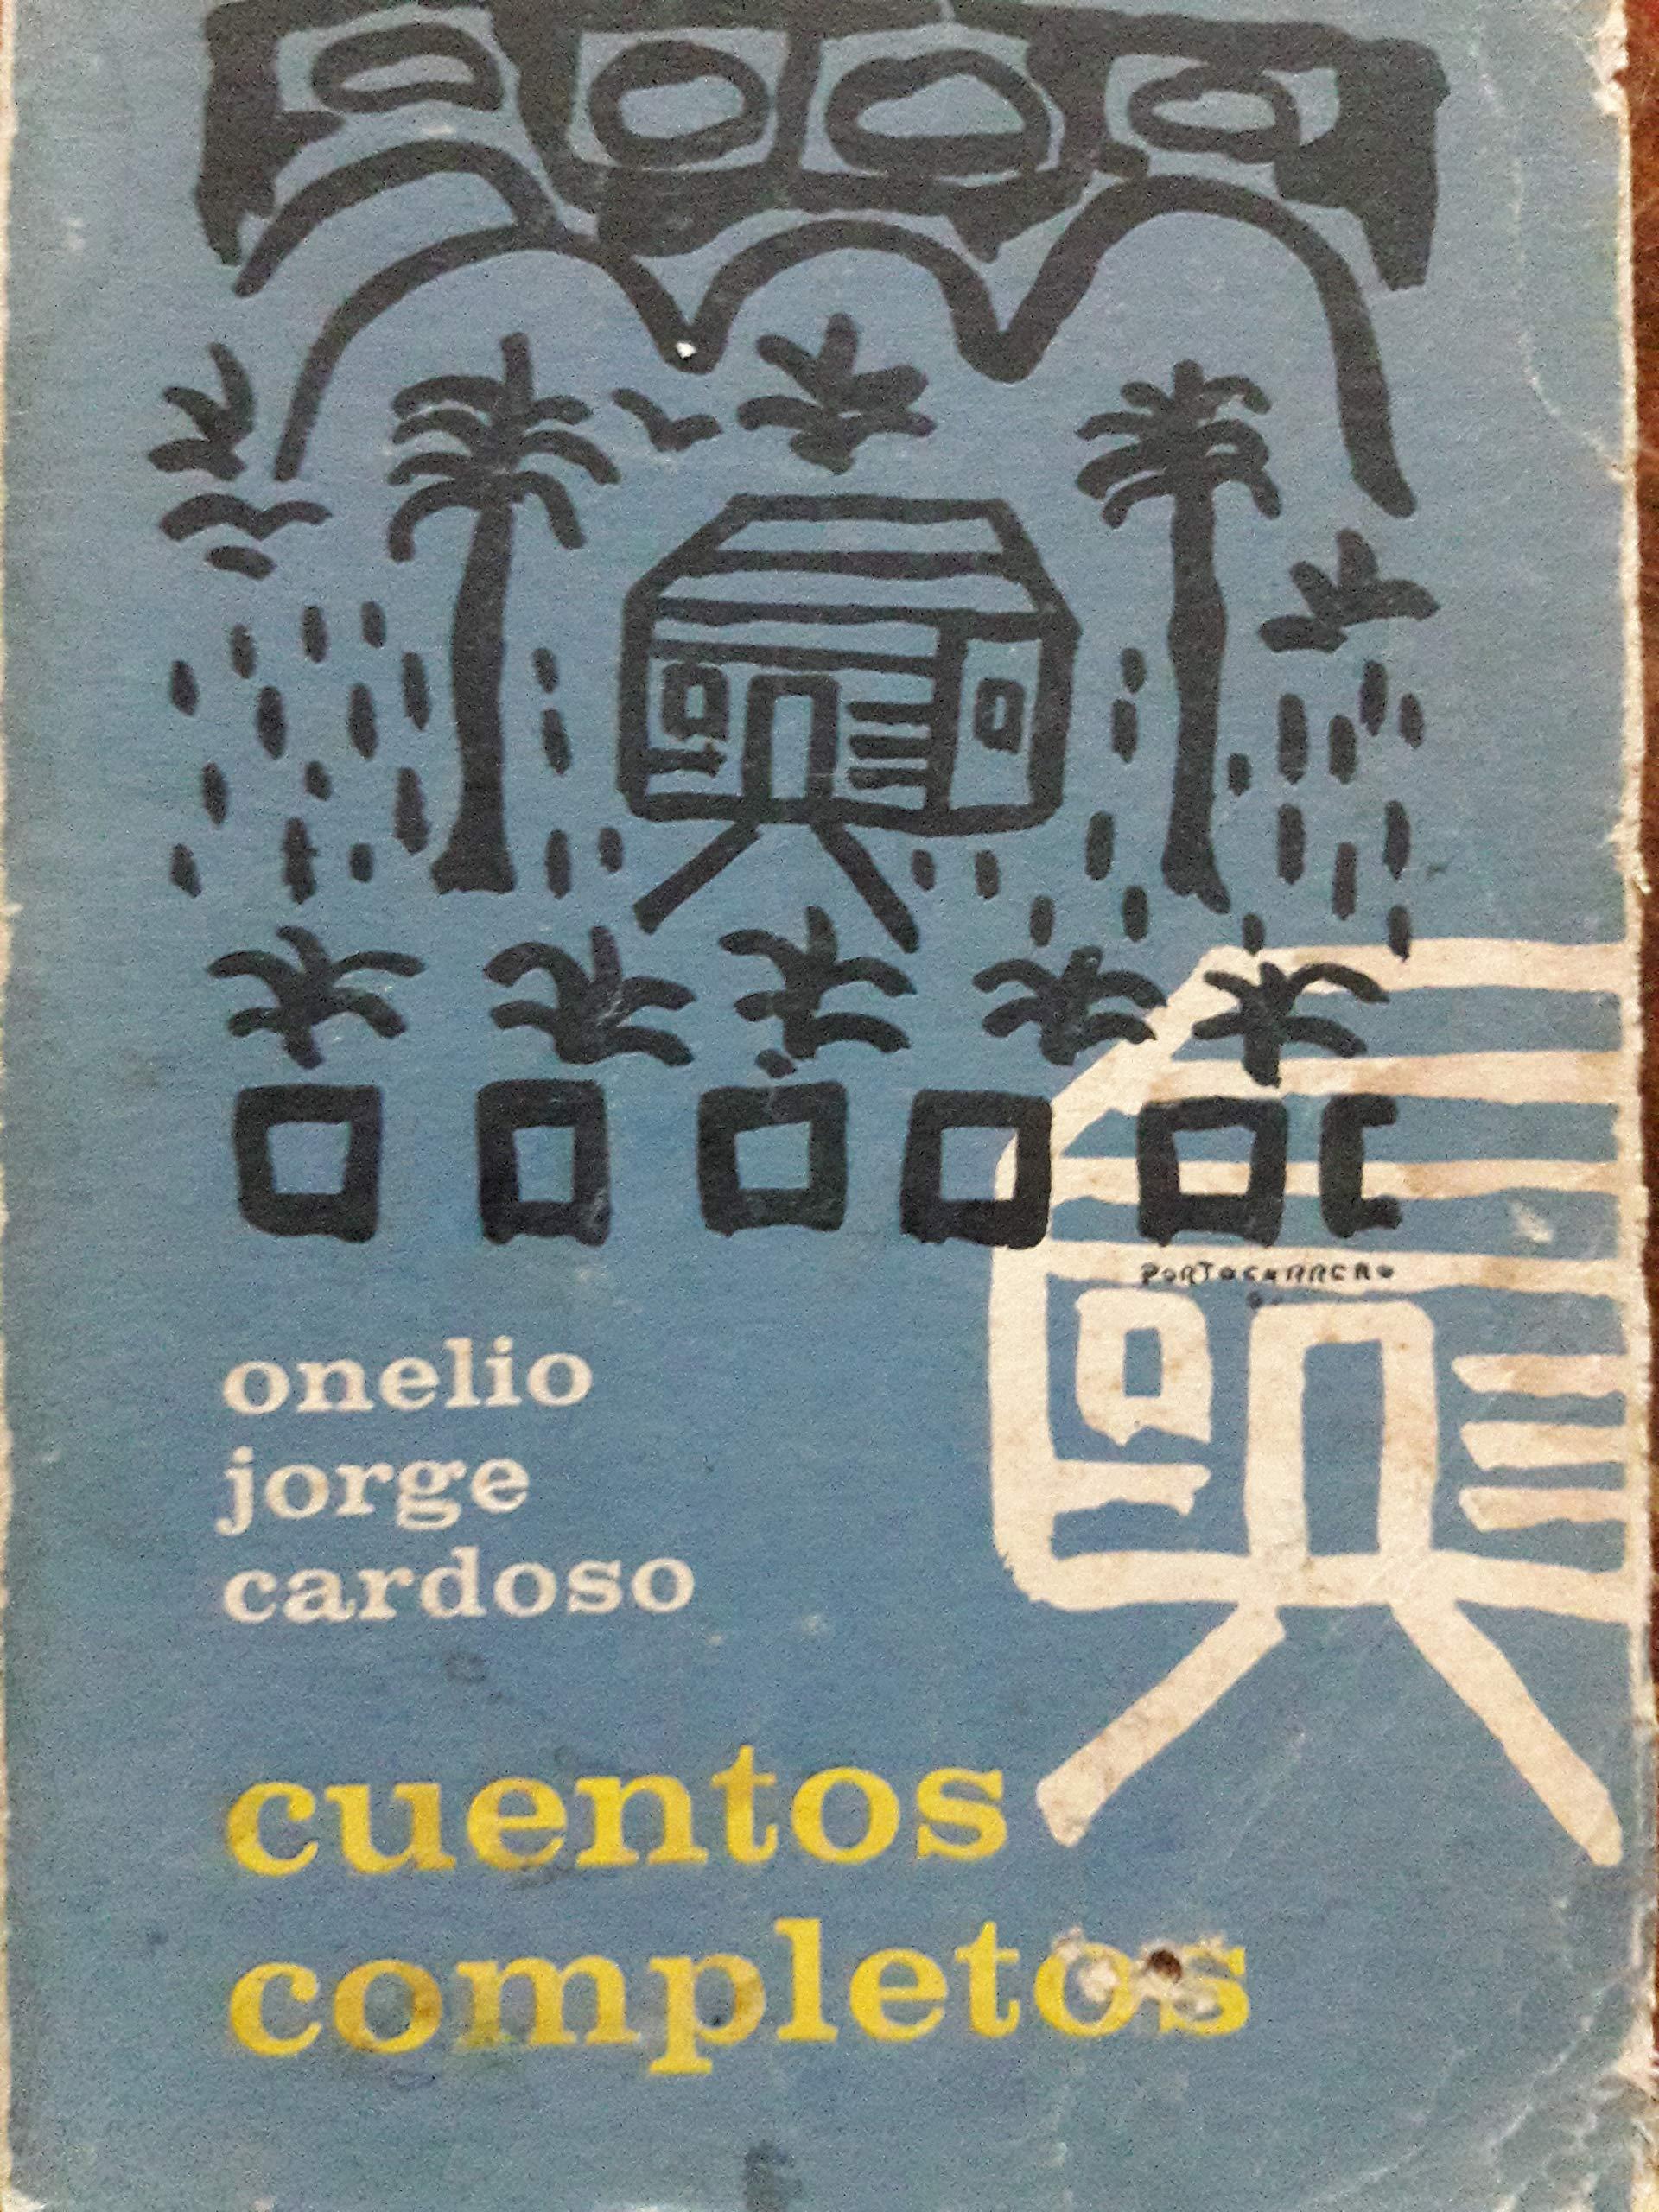 Cuentos completos onelio jorge cardoso primera edicion 1962: Onelio jorge cardoso, Rene portocarrero: Amazon.com: Books